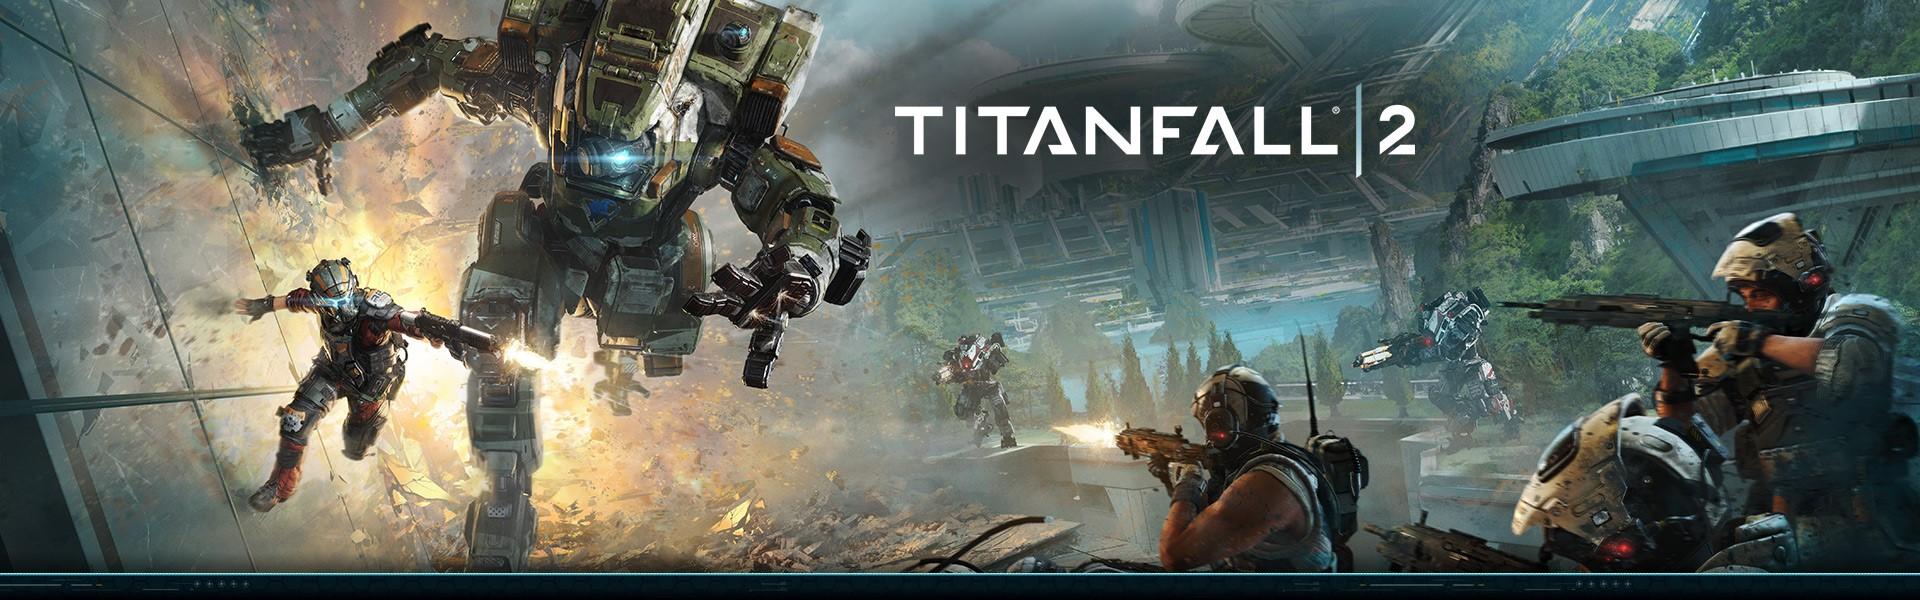 Titanfall 2 + Ответ на секретный вопрос